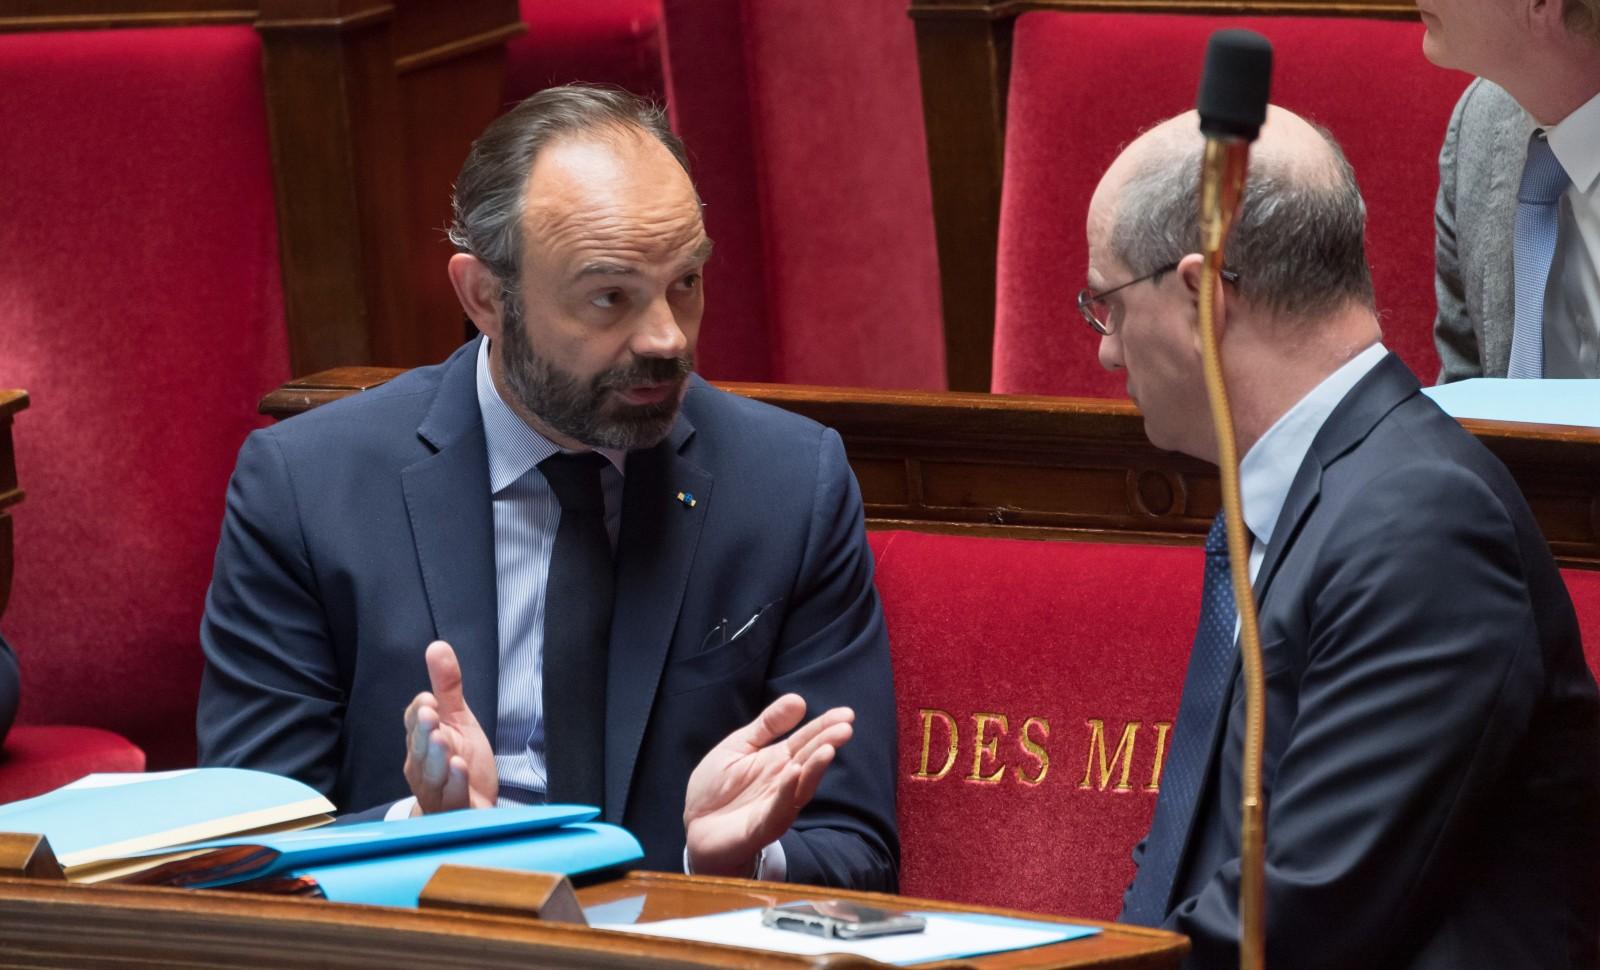 Le Premier ministre Edouard Philippe face à son ministre de l'Education, mardi 21 avril à l'Assemblée nationale © Jacques Witt/SIPA Numéro de reportage: 00957382_000008